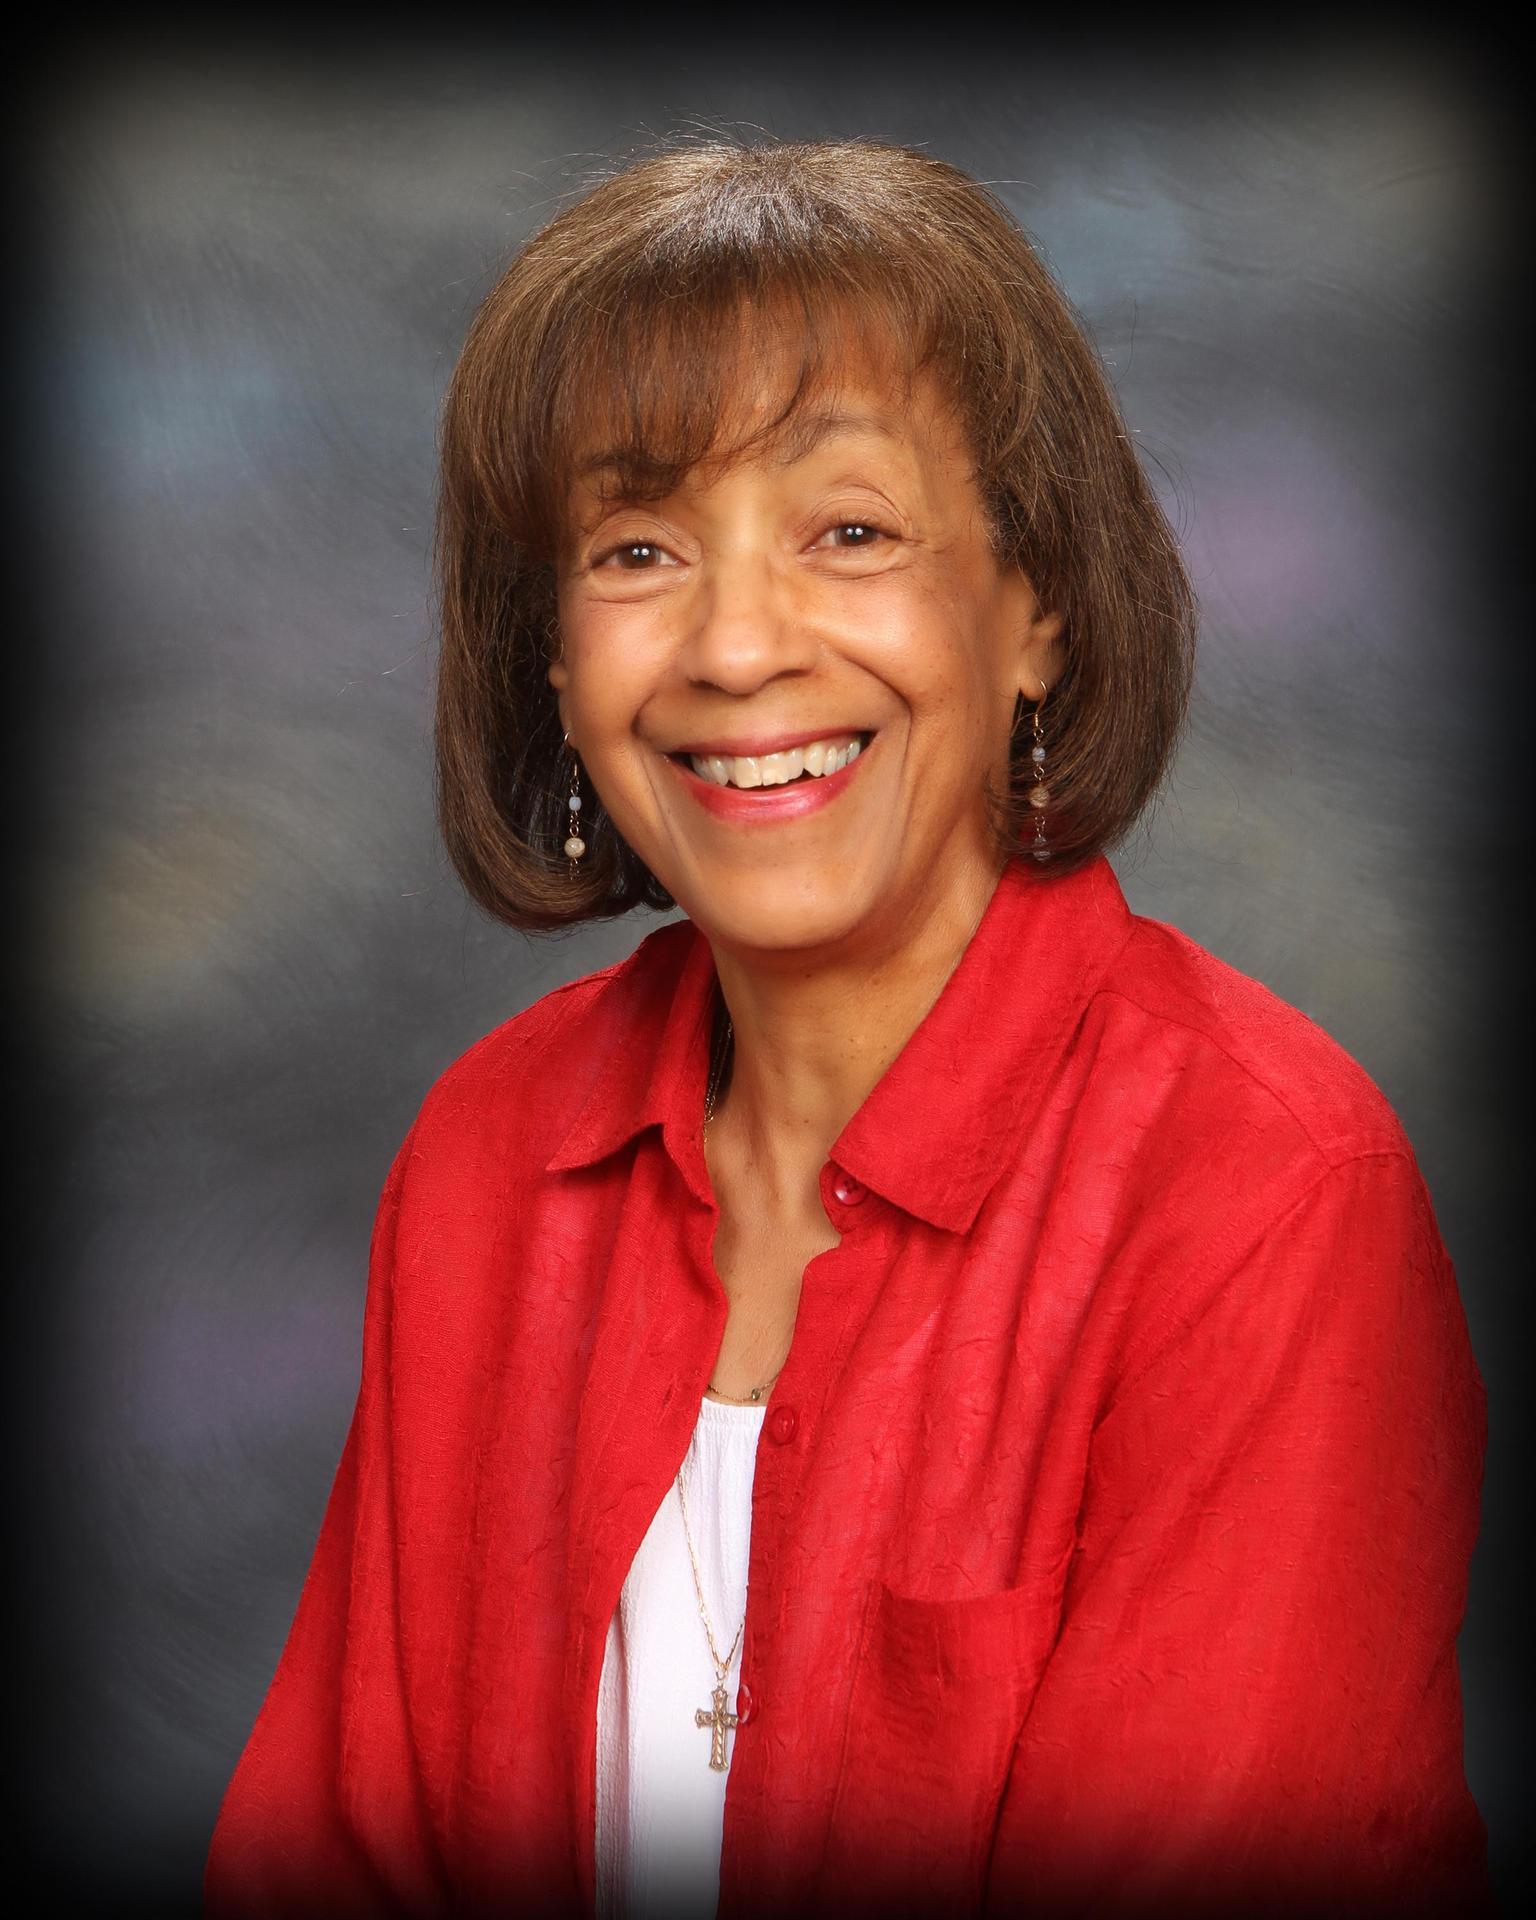 Joyce Robinson